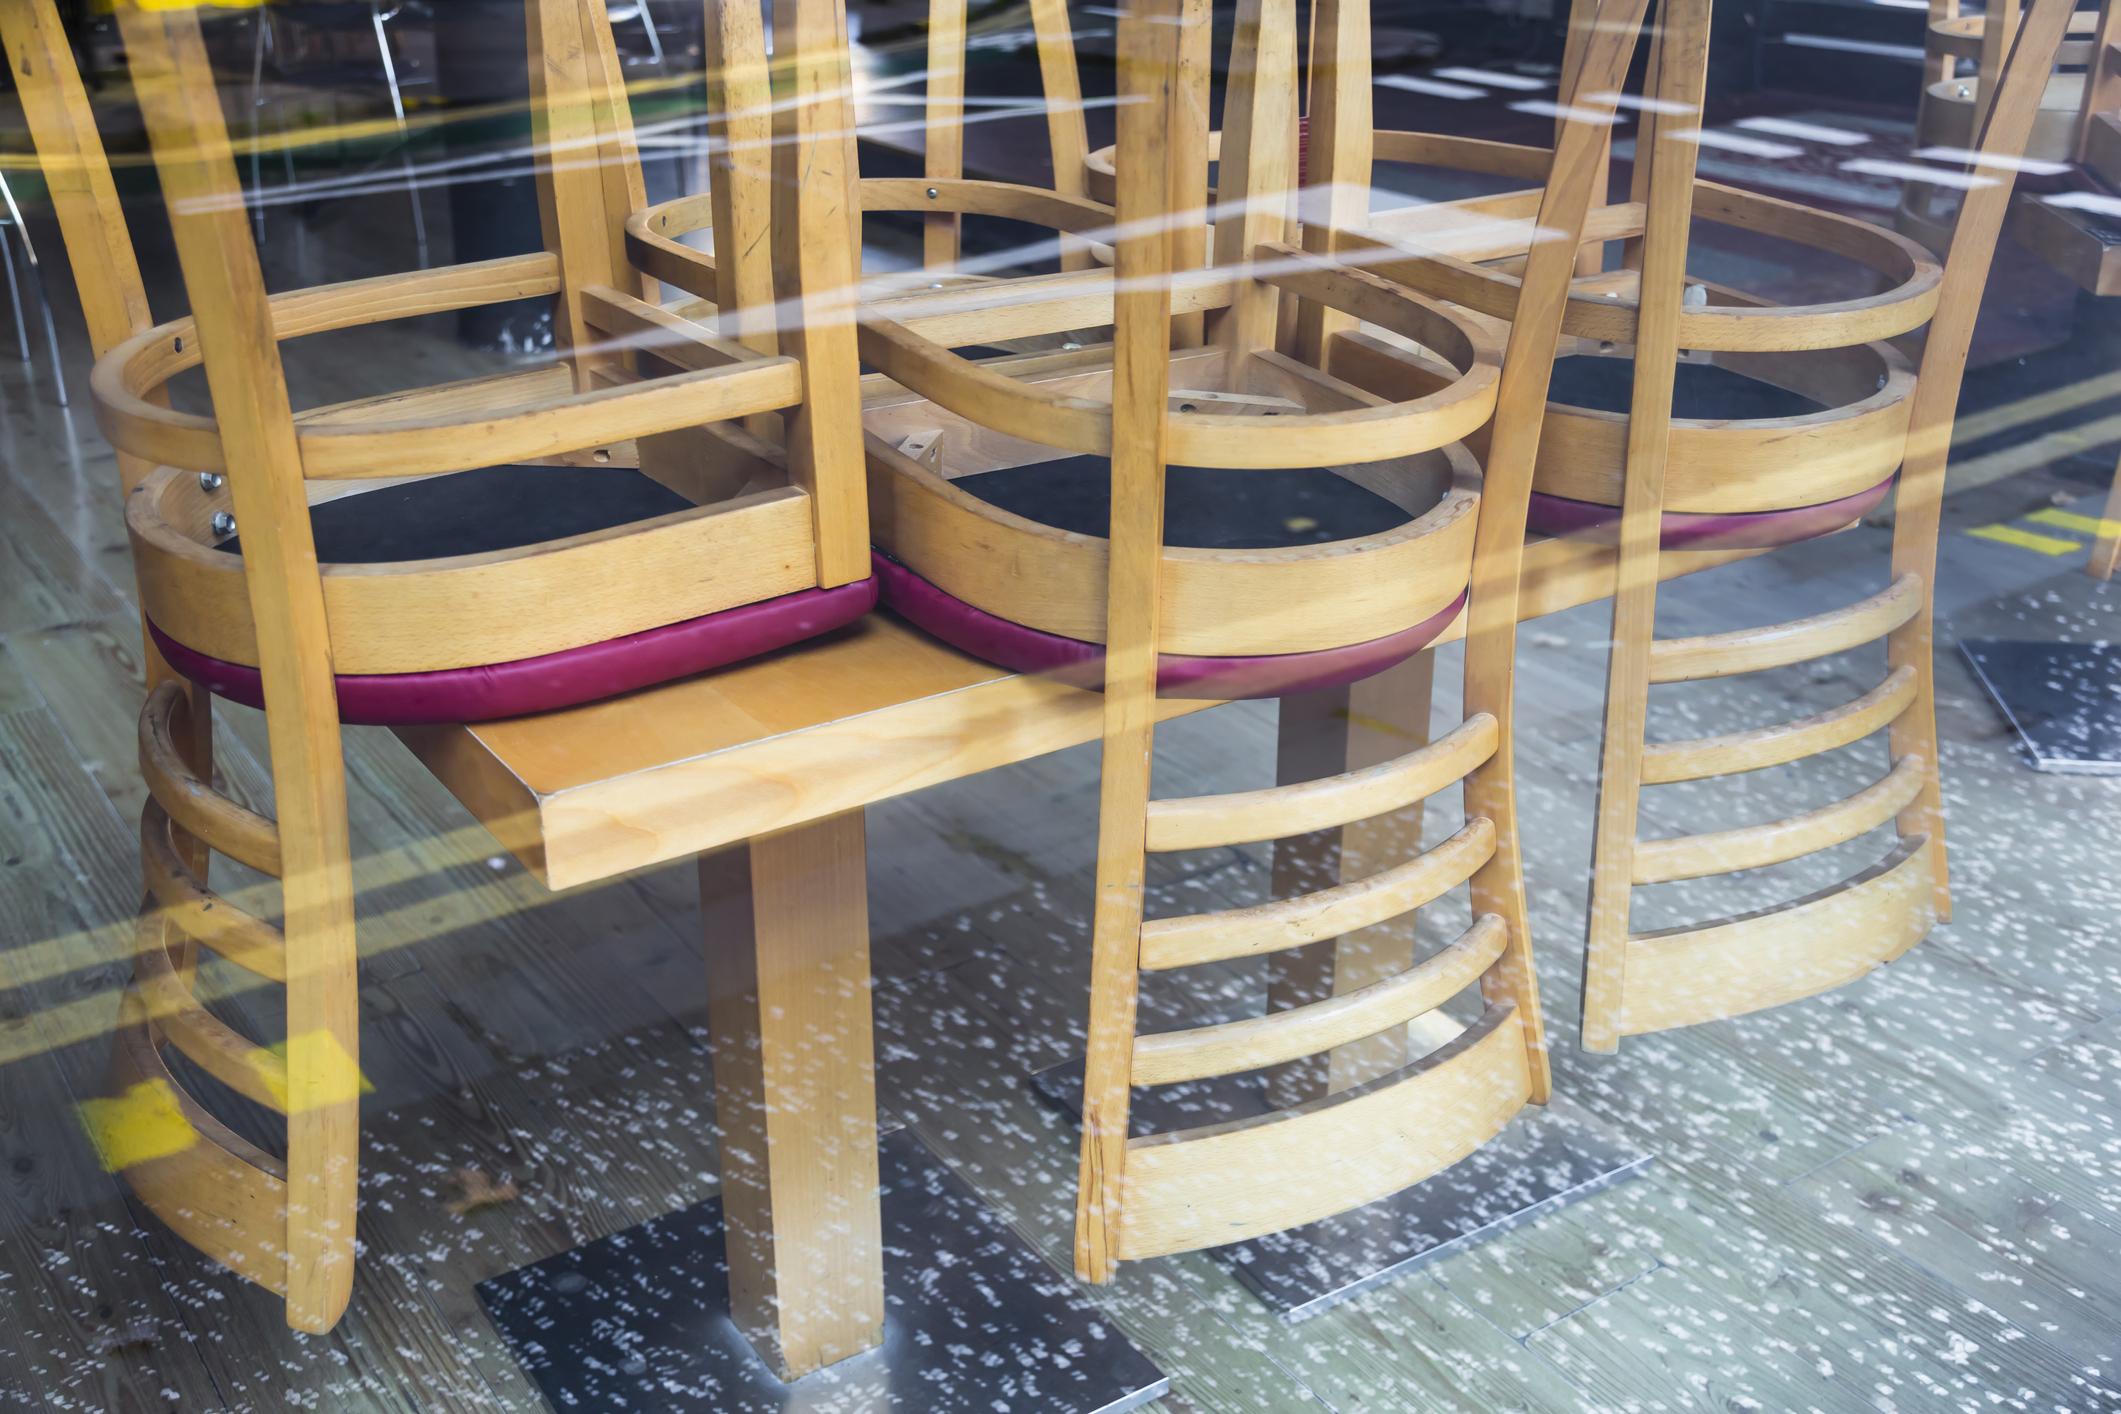 Noi restricții anunțate în București. Restaurantele și cafenelele vor fi închise în interior, începând de miercuri